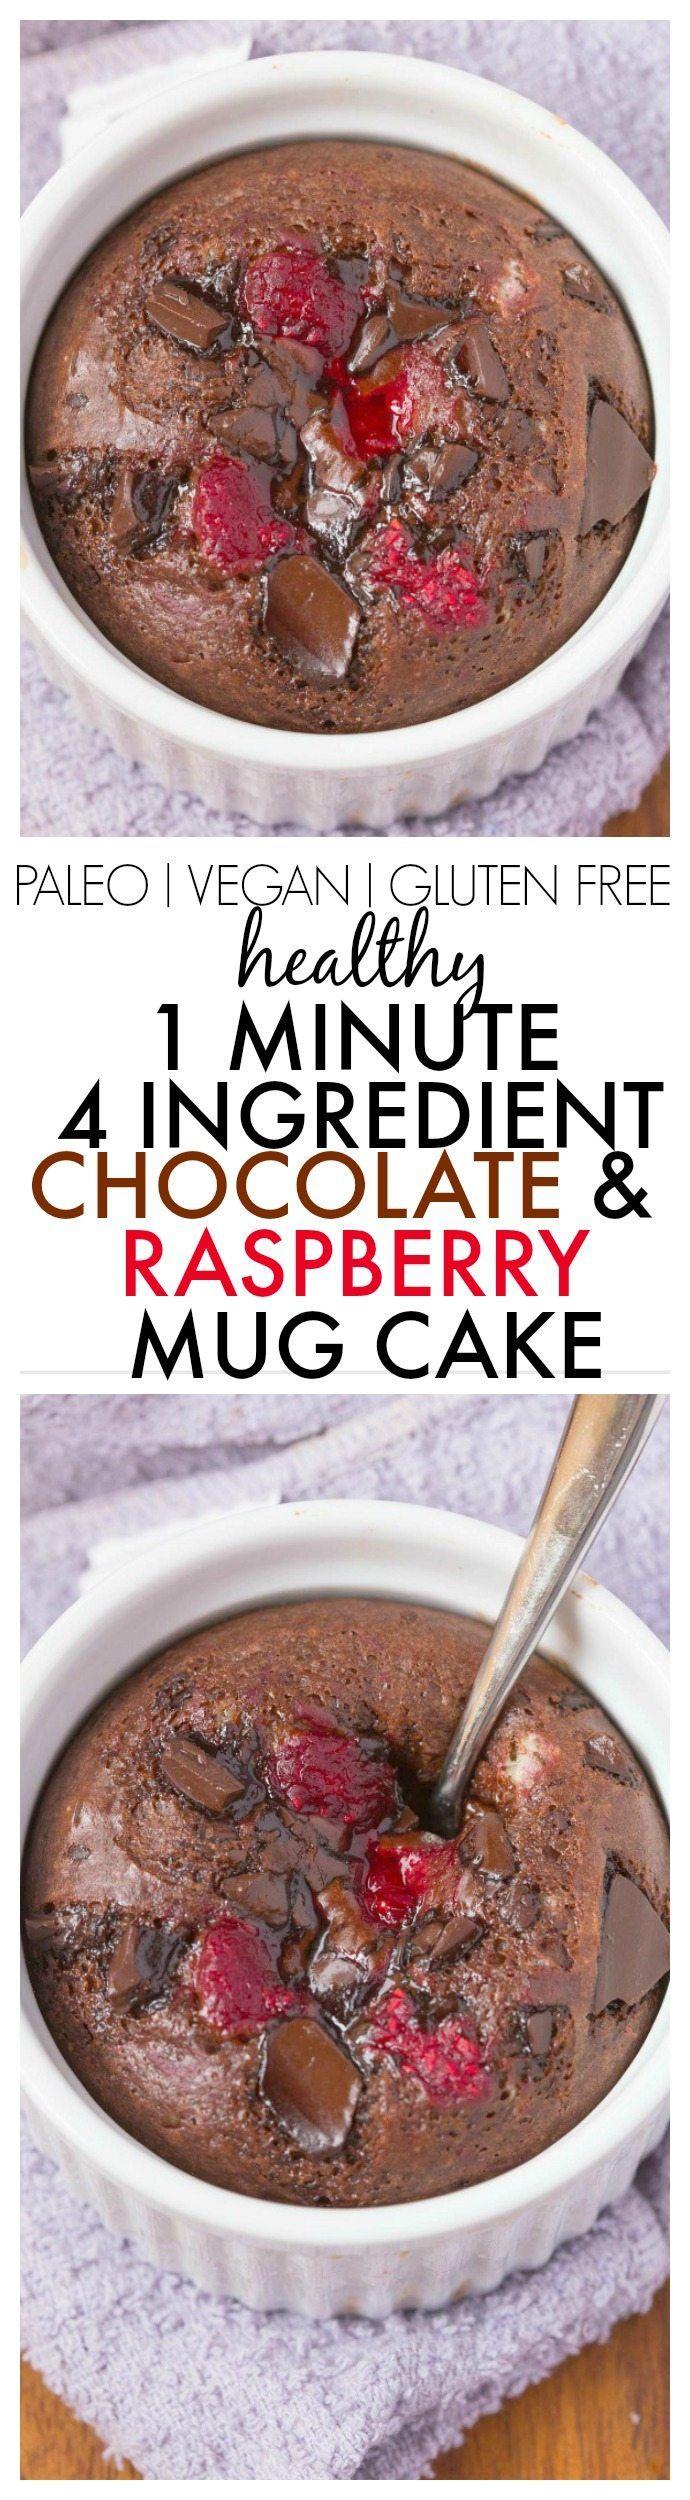 Chocolate Mug Cake No Egg No Oil